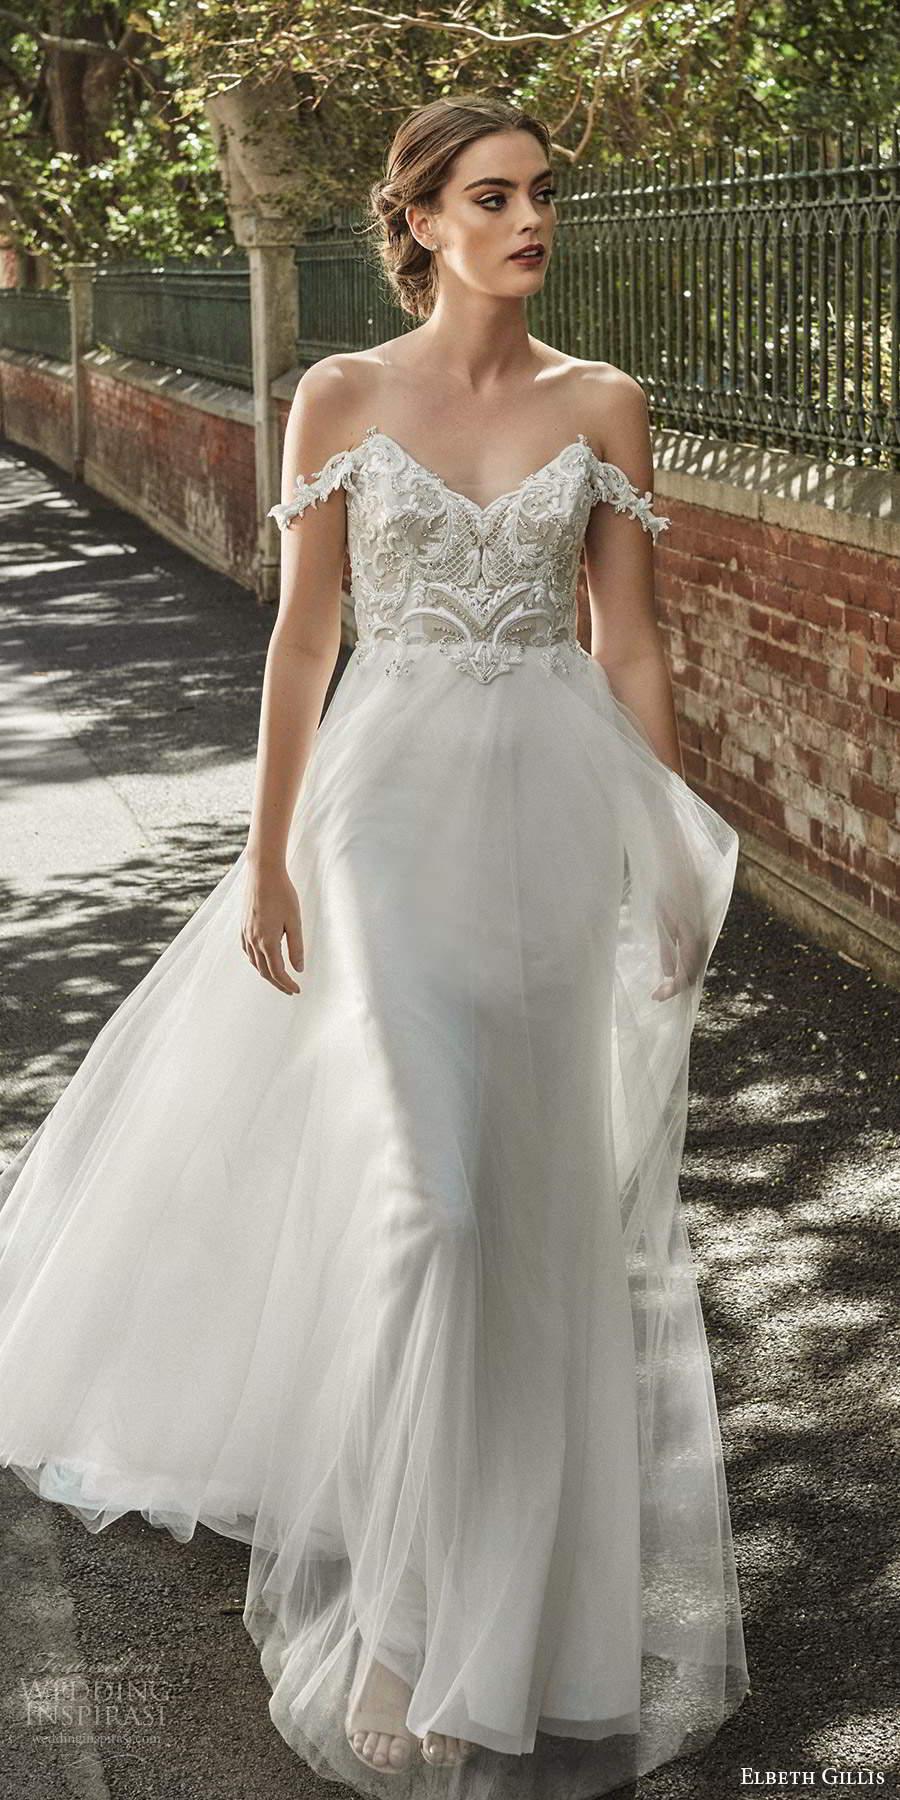 elbeth gillis 2021 bridal off shoulder straps v sweetheart neckline embellished lace bodice a line ball gown wedding dress chapel train (5) mv